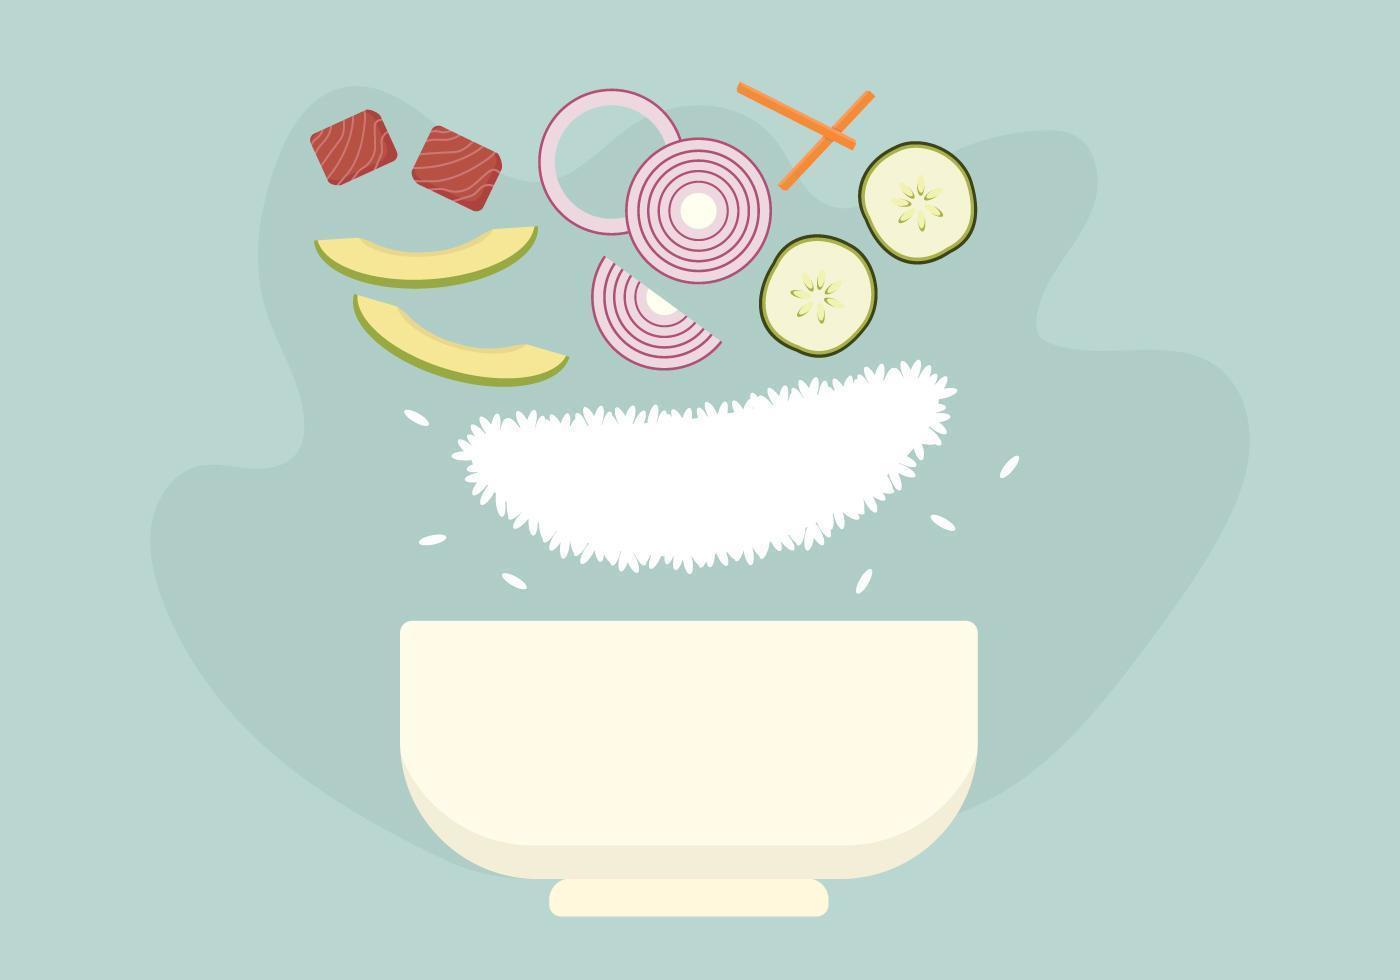 Poke Bowl Floating Ingredients vecteur